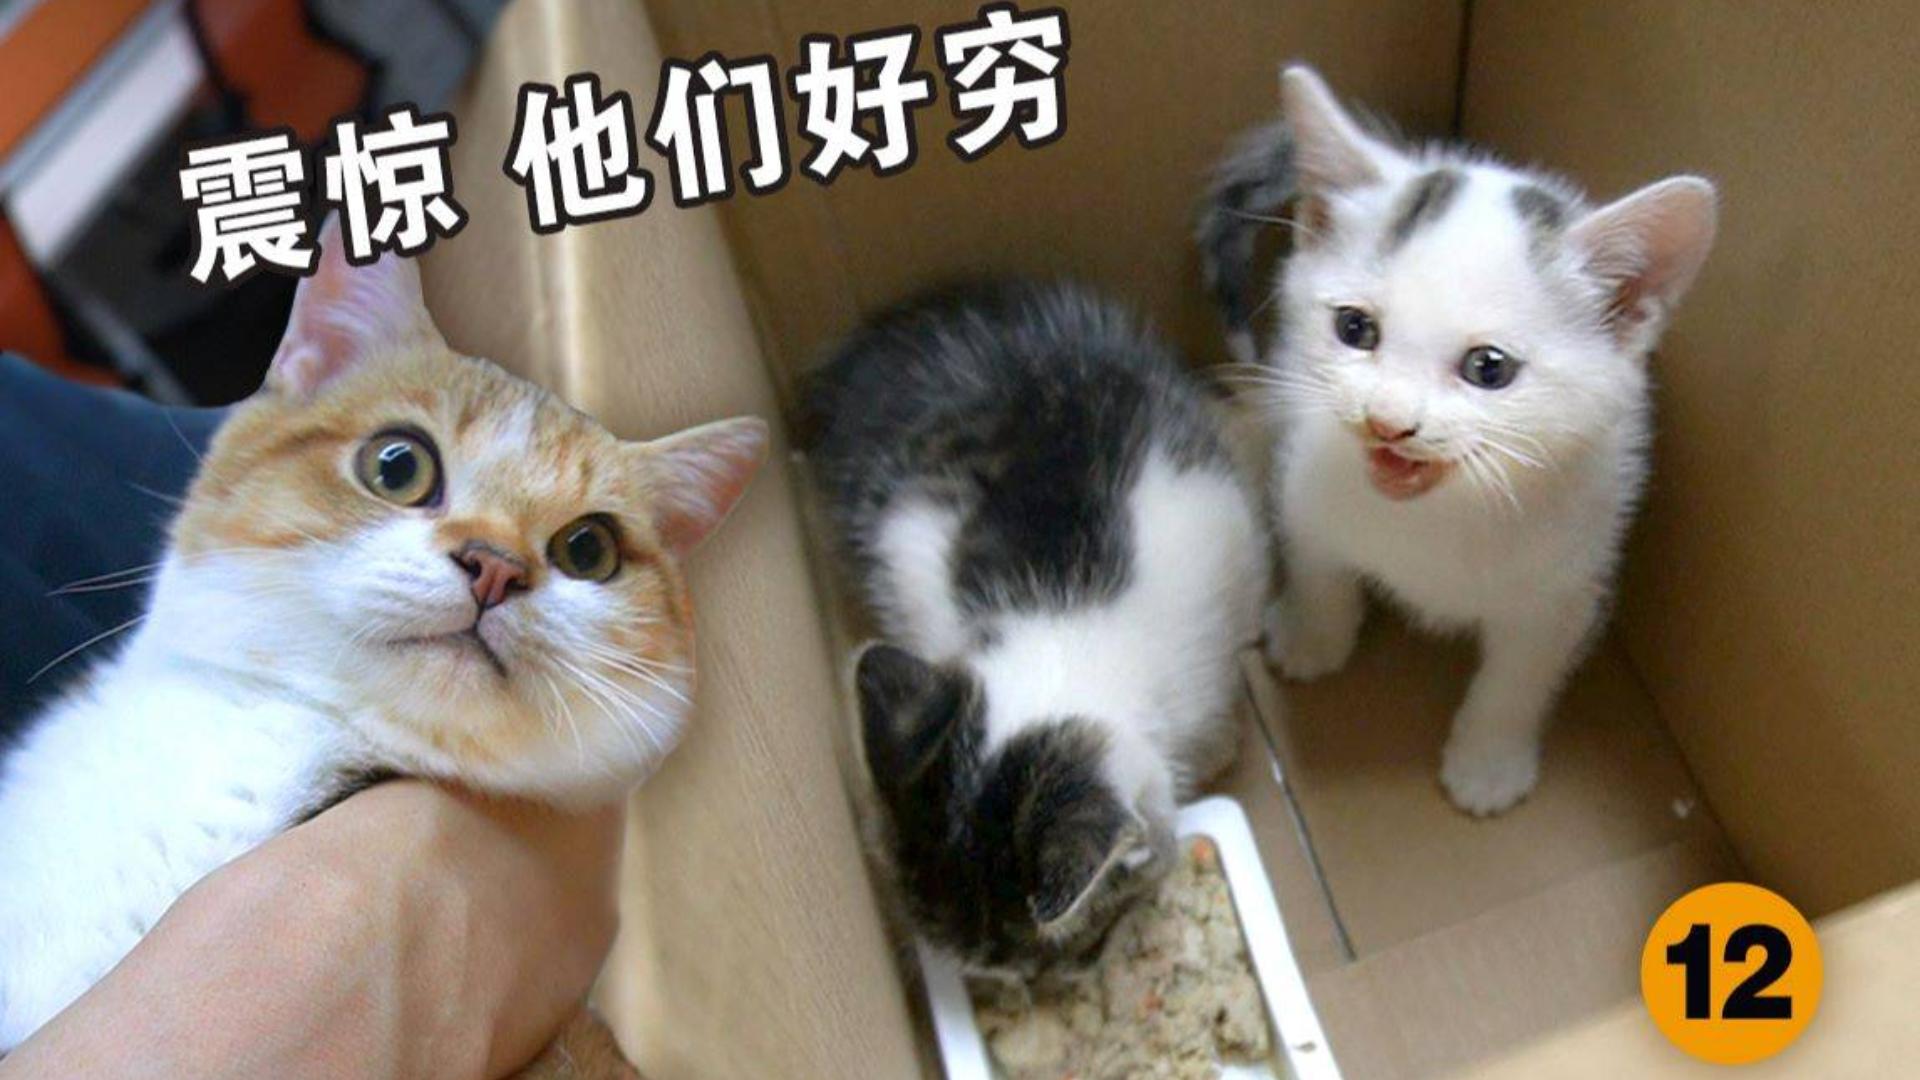 为了小野猫能安全过冬,有人不惜成为偷猫大盗!小野猫吃粮居然吃出了神奇奶音